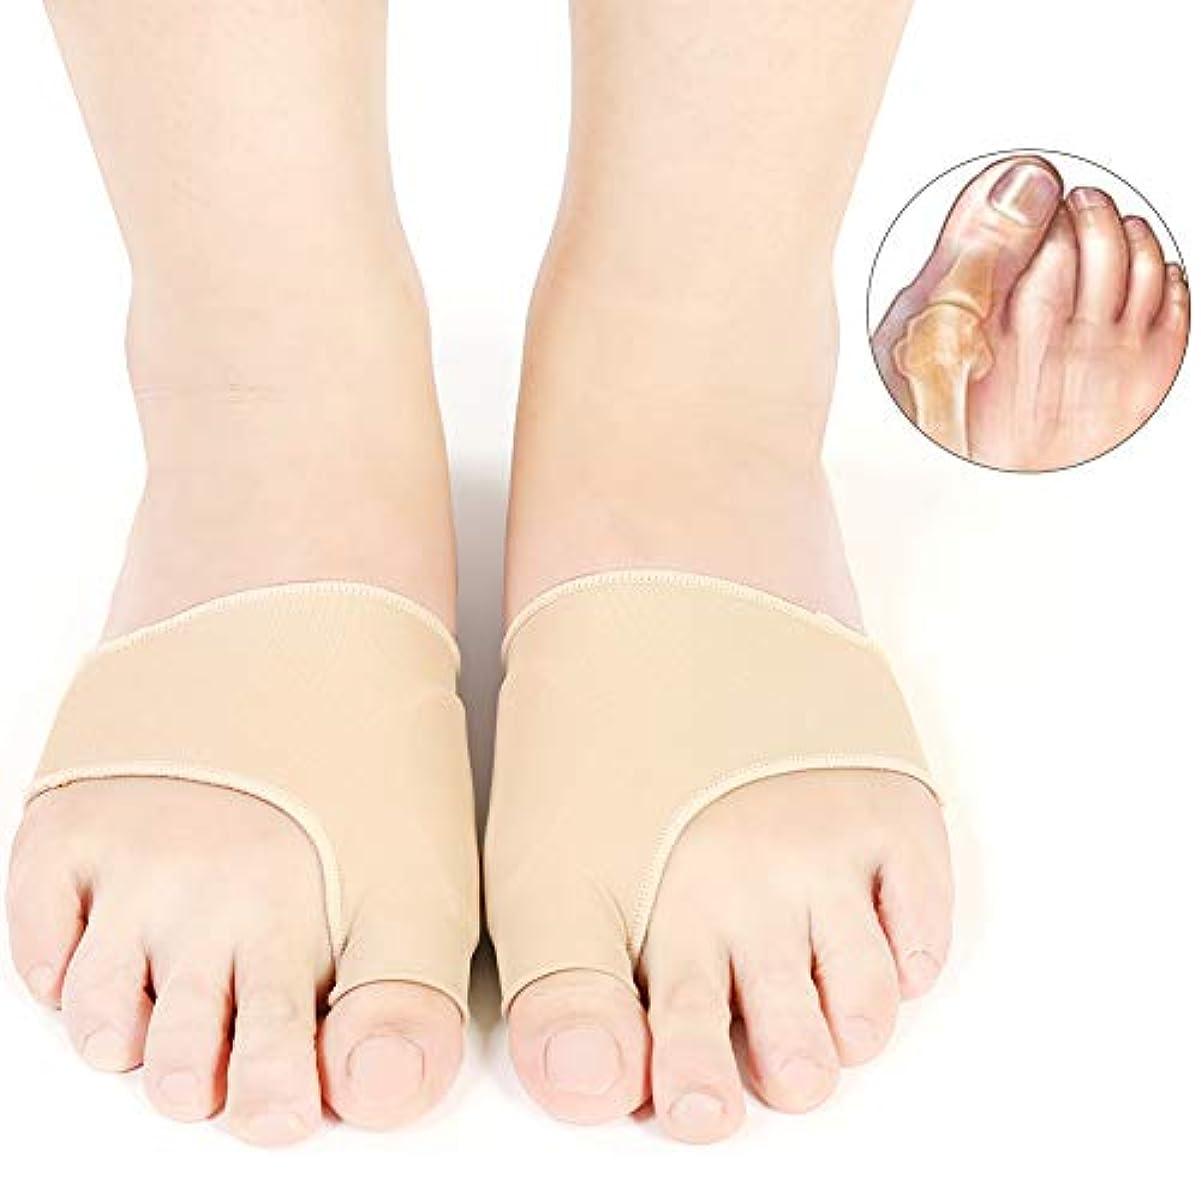 認める市区町村どれか足指の副木と腱膜救済プロテクタースリーブキット、シリコーン腱膜矯正外反母矯正フットケア痛みL